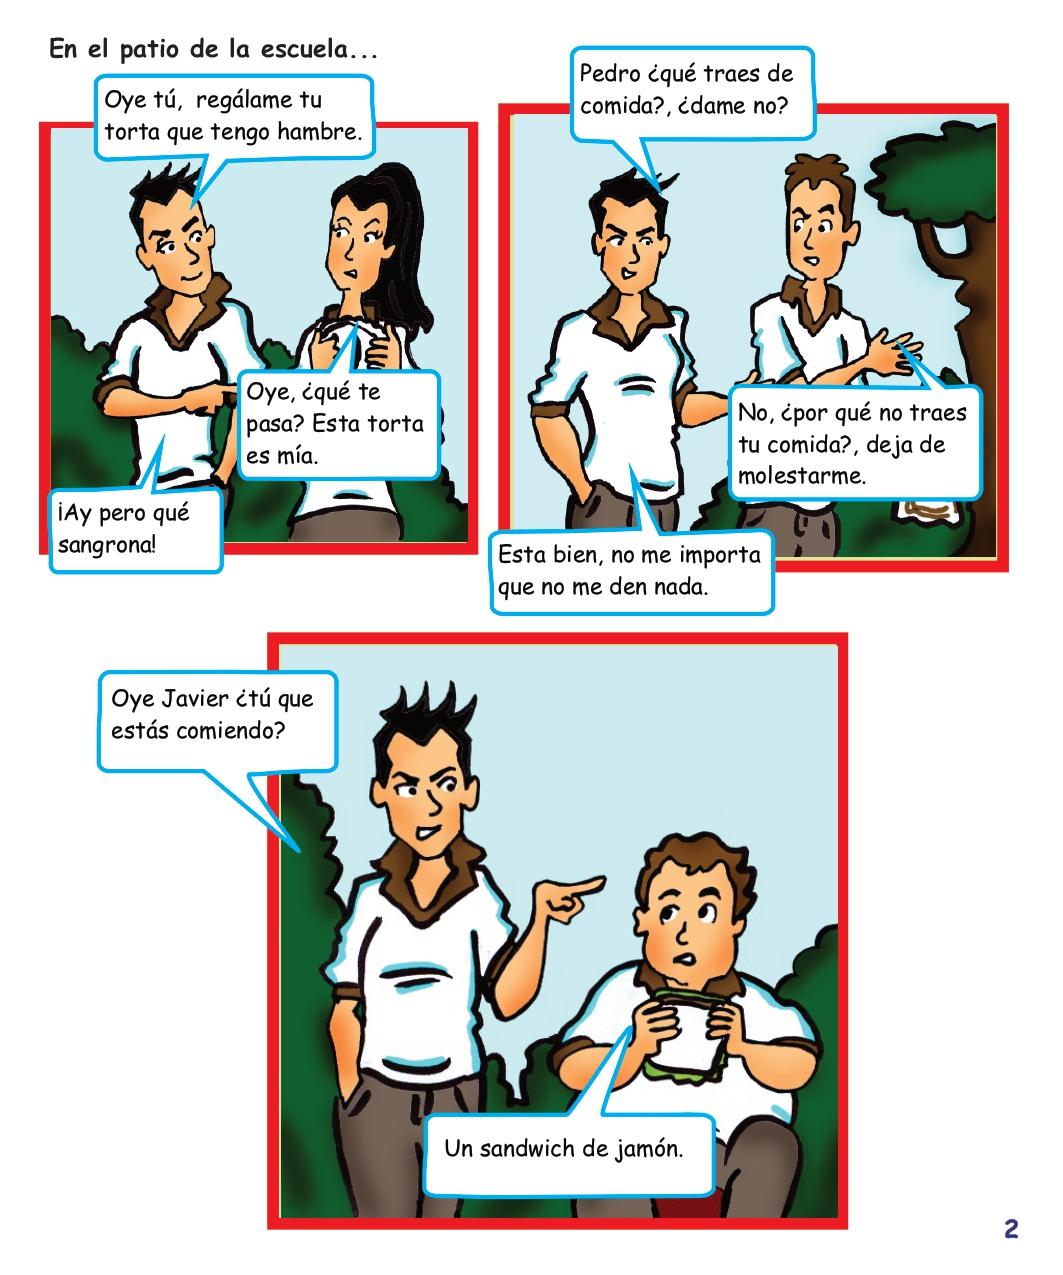 Psicología adolescentes Reyhan cap3 digital_page-0005